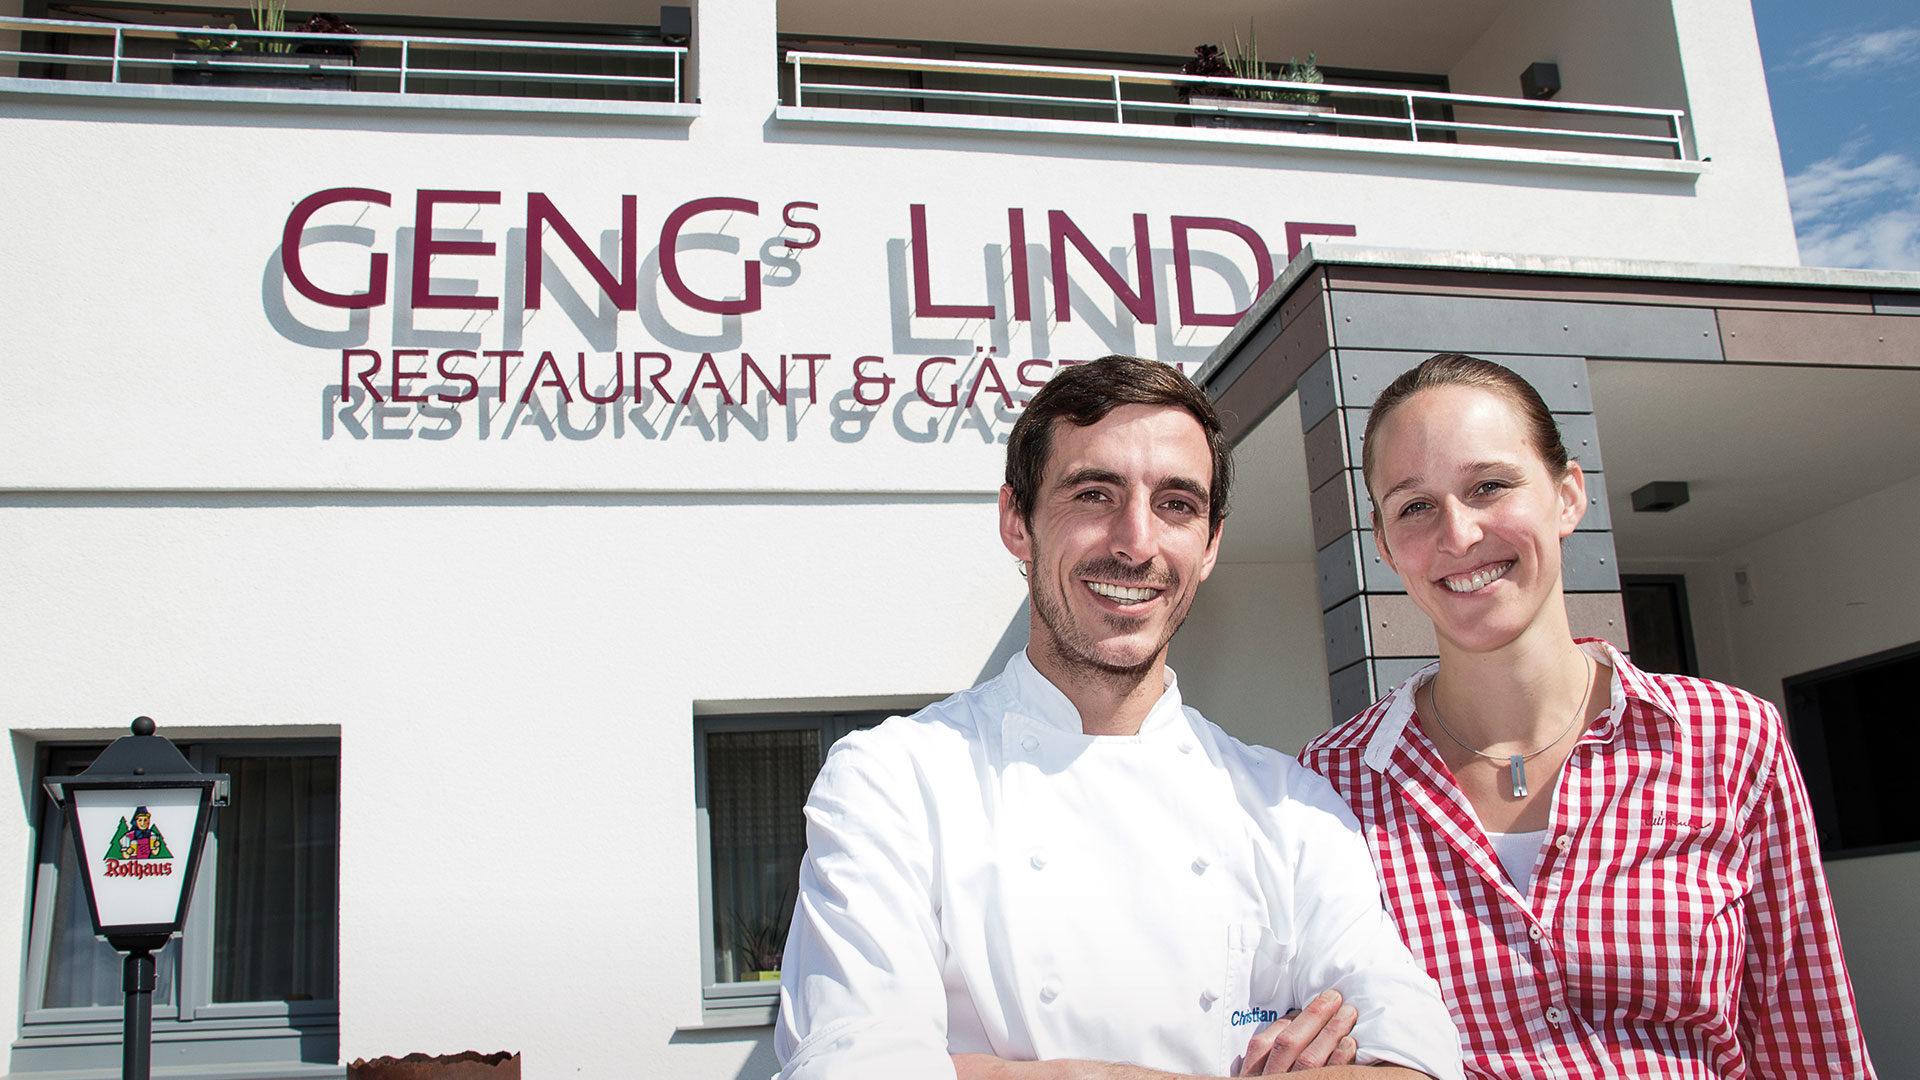 Geng's Linde - Gastgeber Christian und Silvia Geng